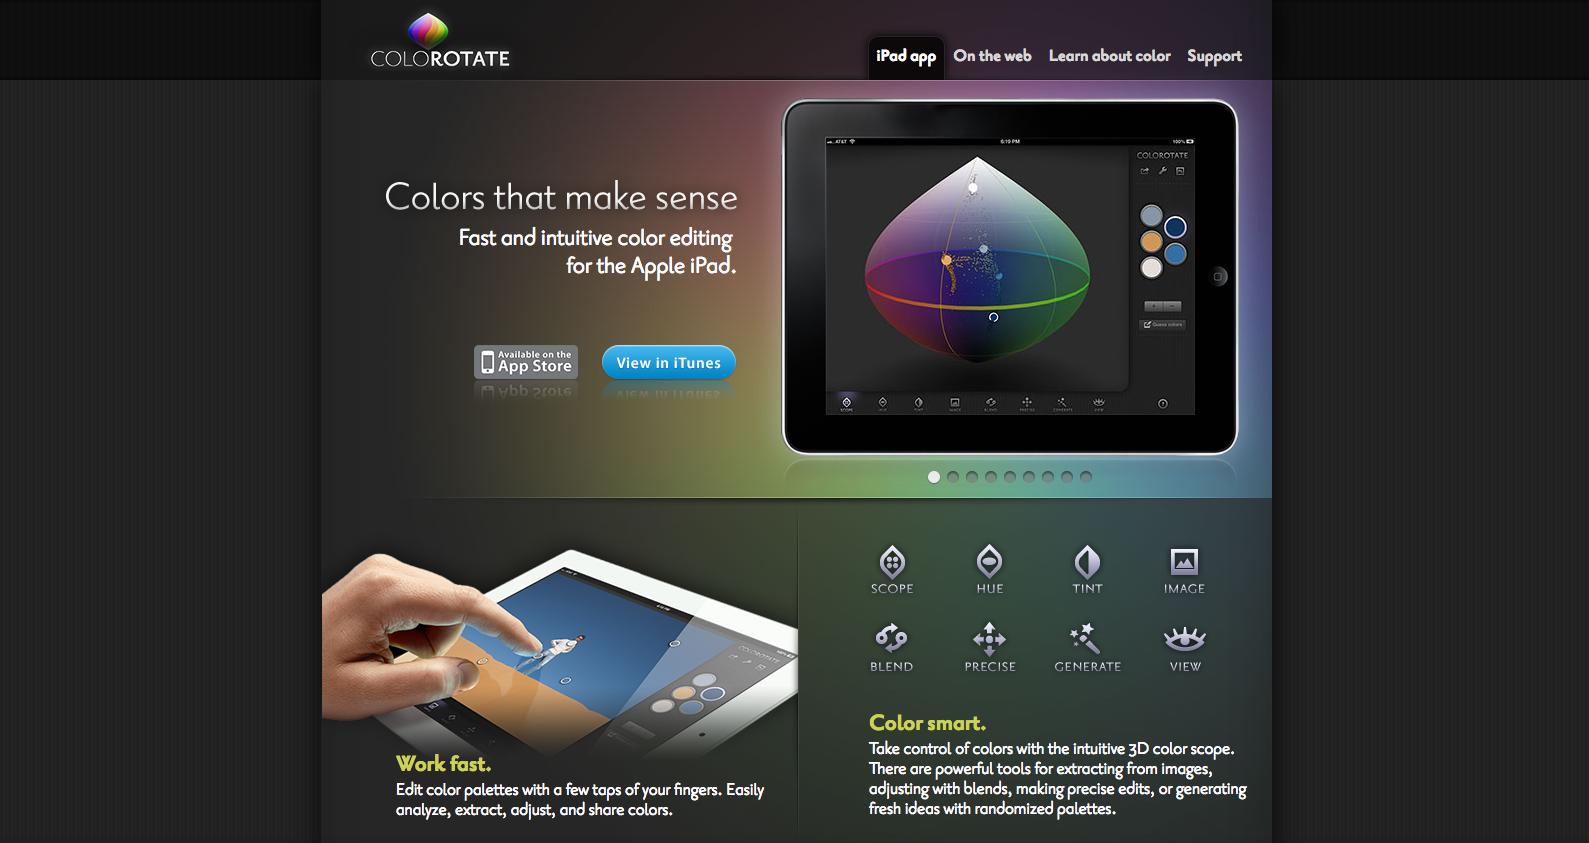 Las mejores paletas de colores para sitios web para mejorar el compromiso (2020) - 1630939774 923 Las mejores paletas de colores para sitios web para mejorar